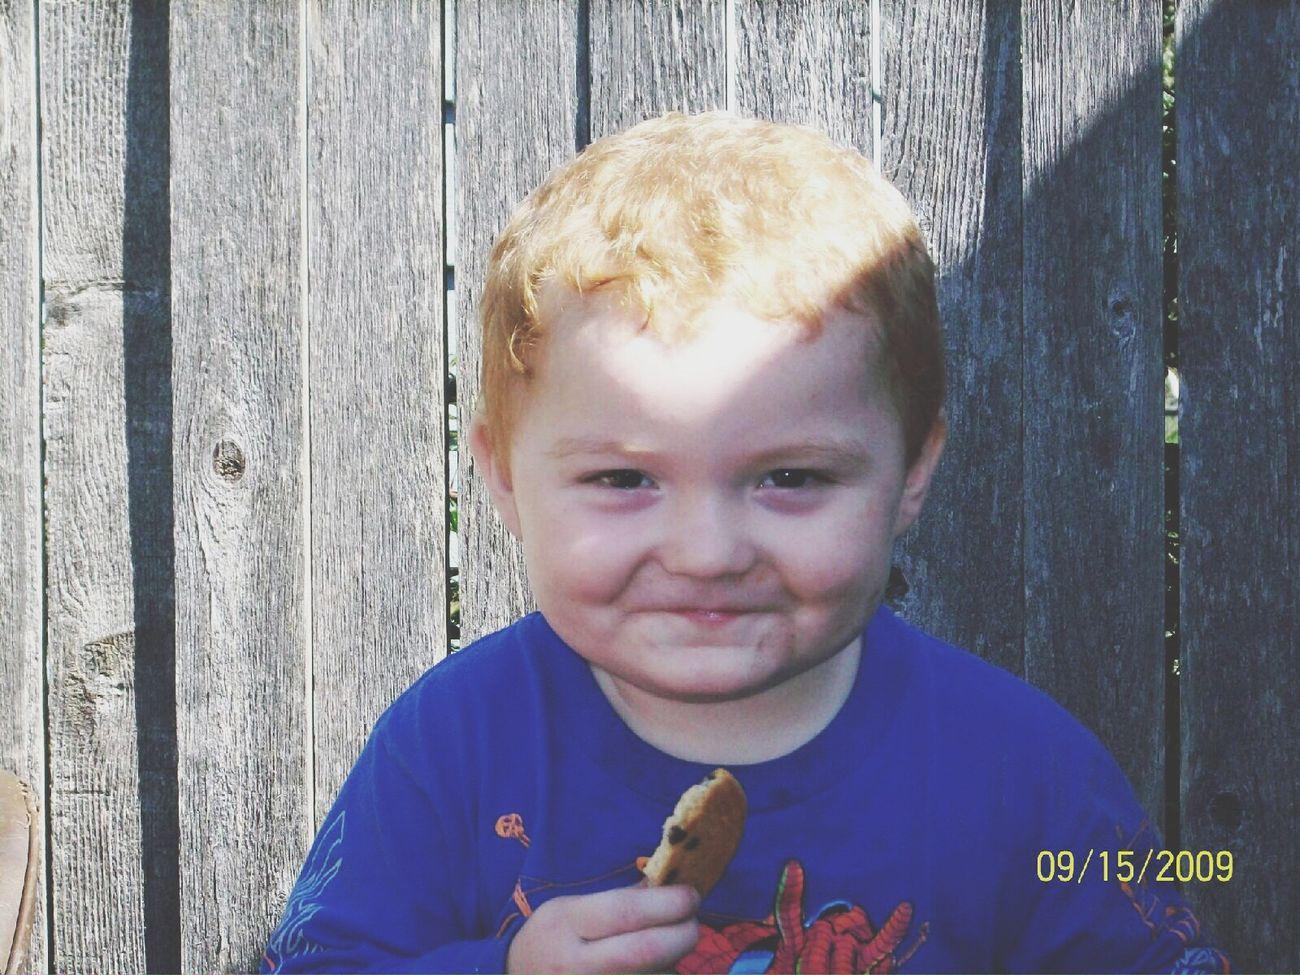 My nephashea was so cute when he was little